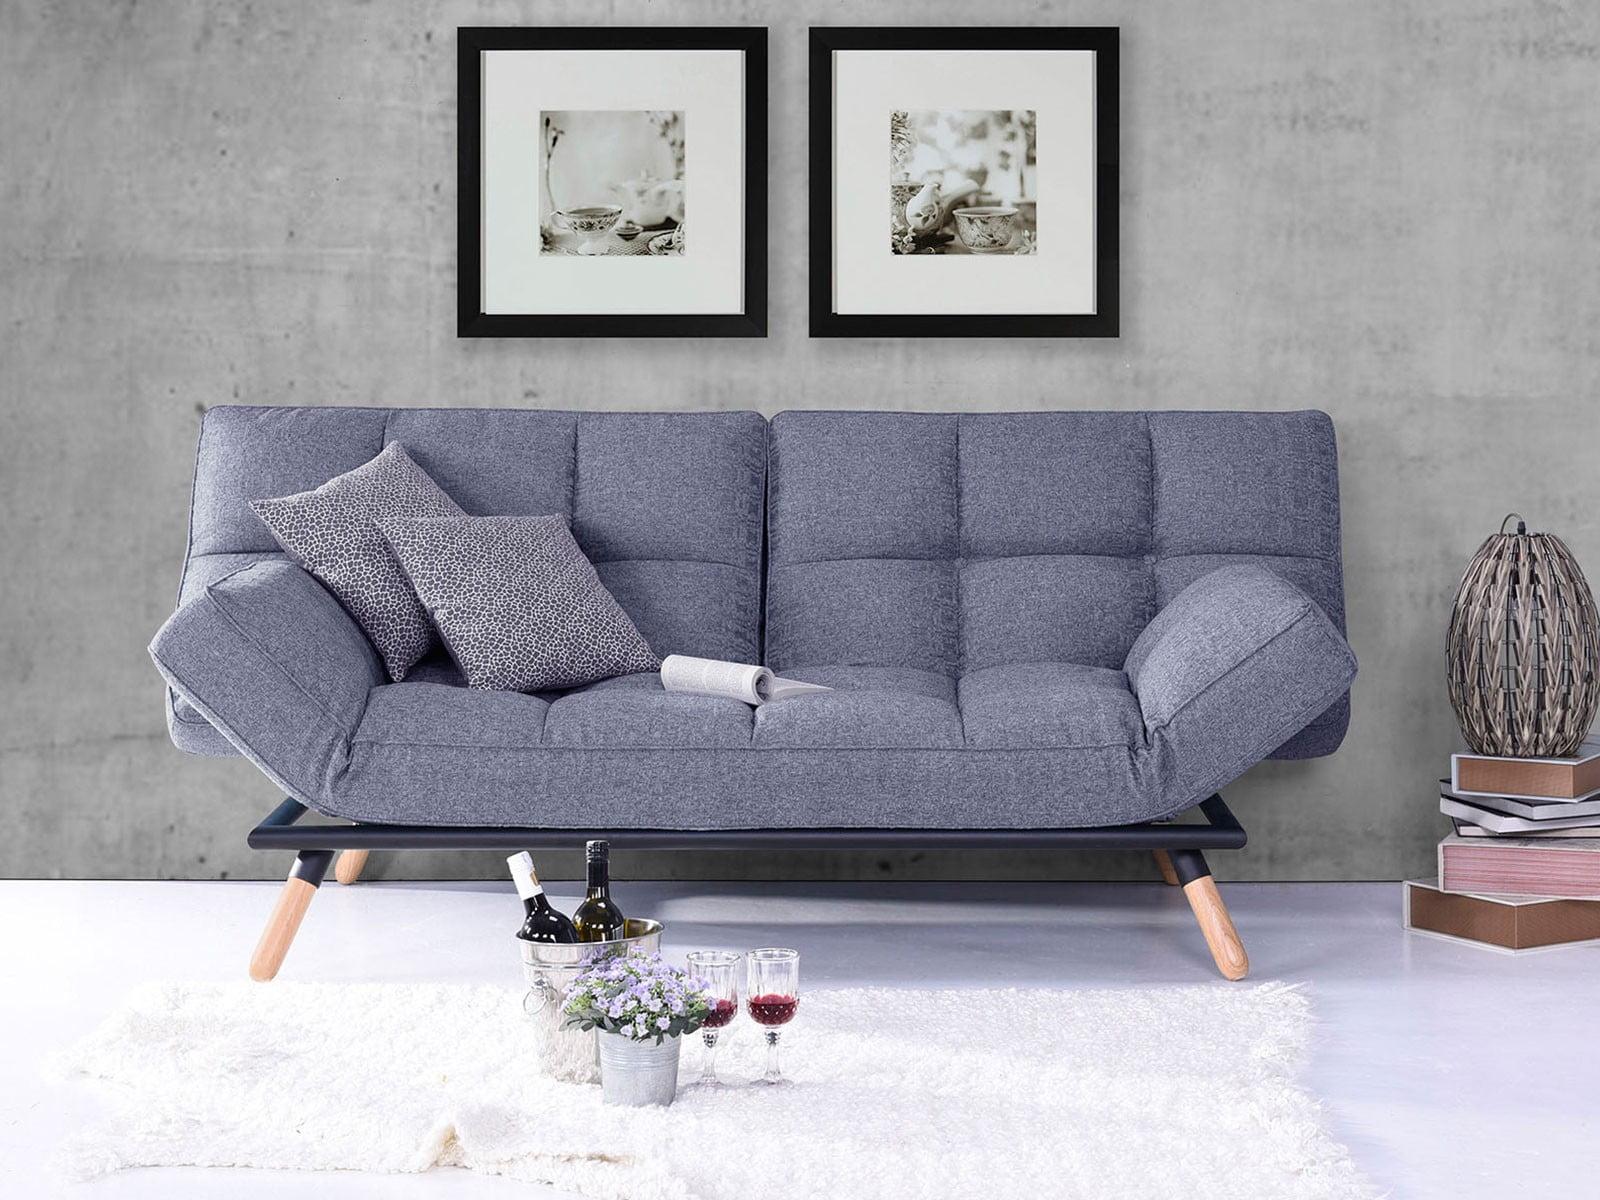 pierde greutatea așezată pe canapea)